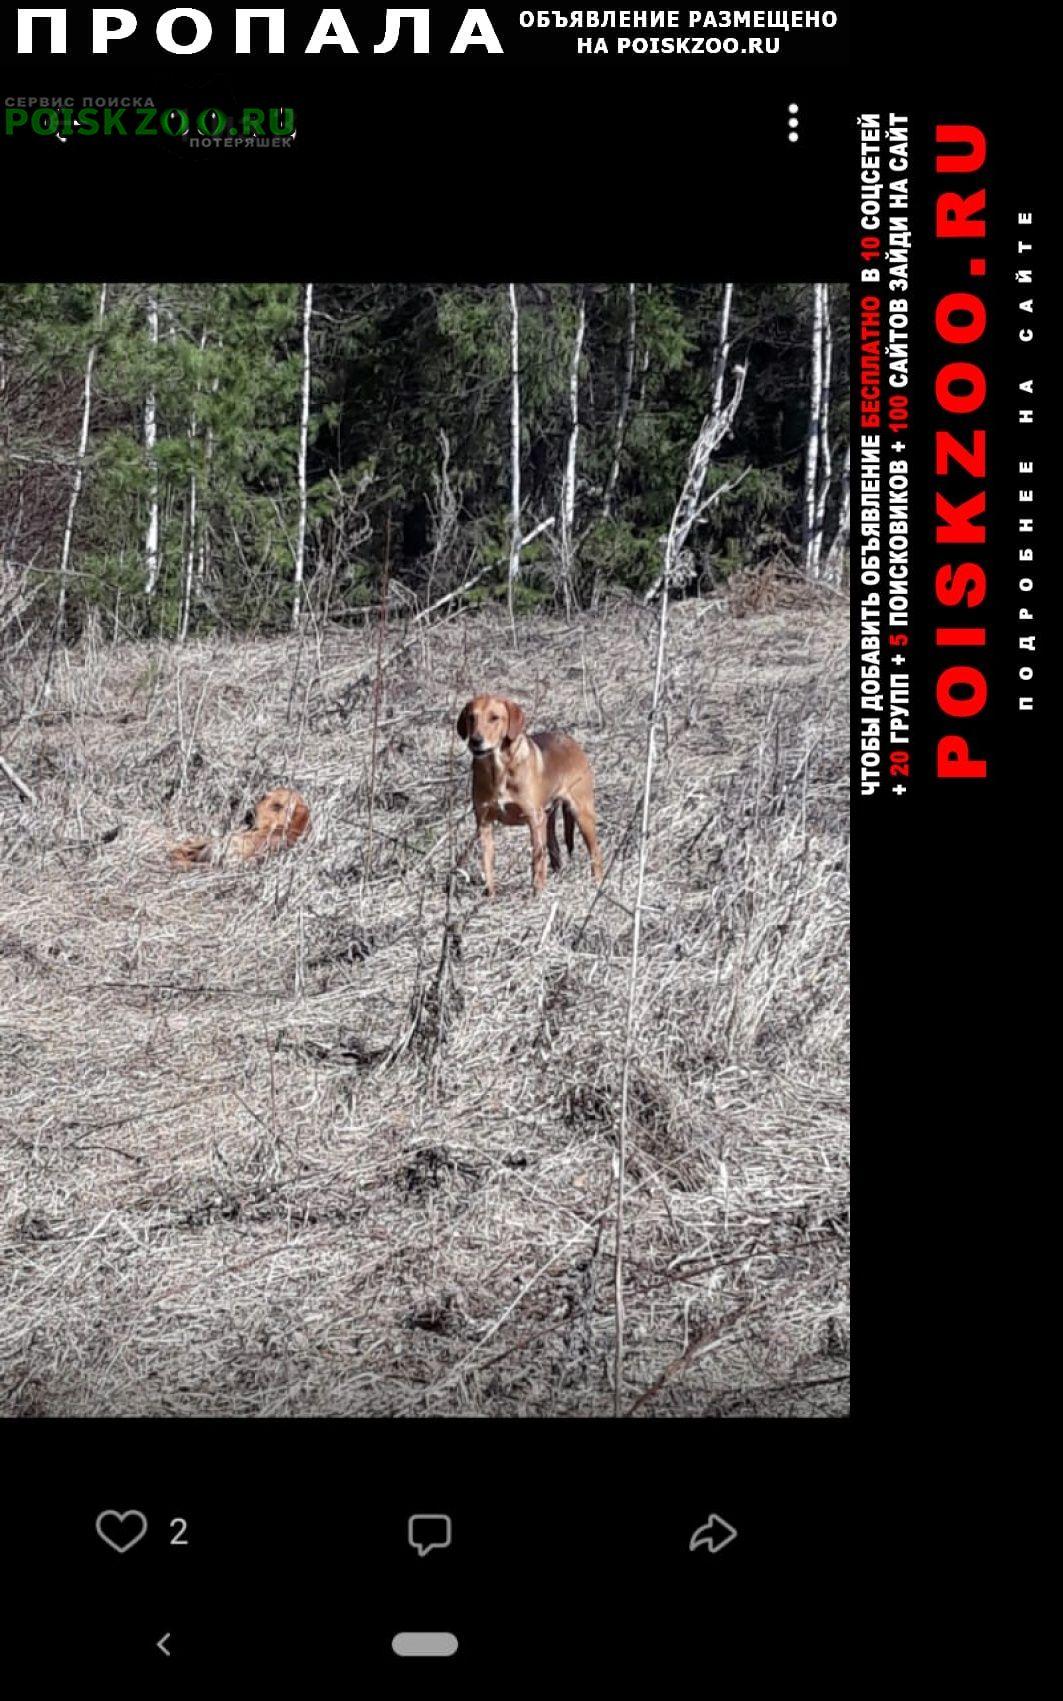 Йошкар-Ола Пропала собака кобель выжлец русской пегой 1, 5 года.